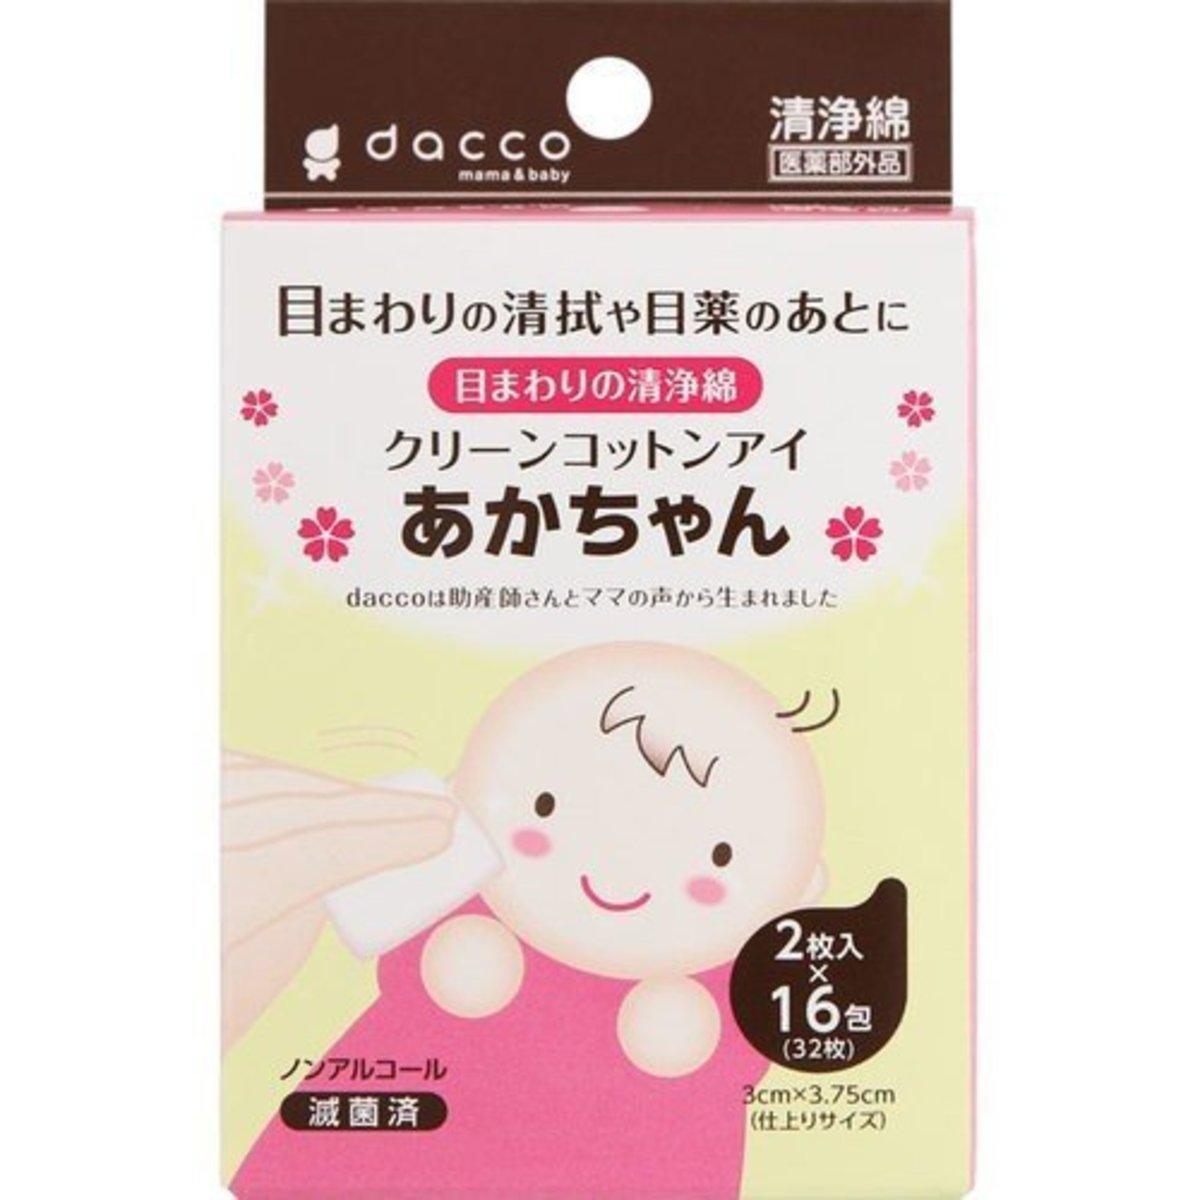 dacco嬰兒眼部清潔棉16包x2片